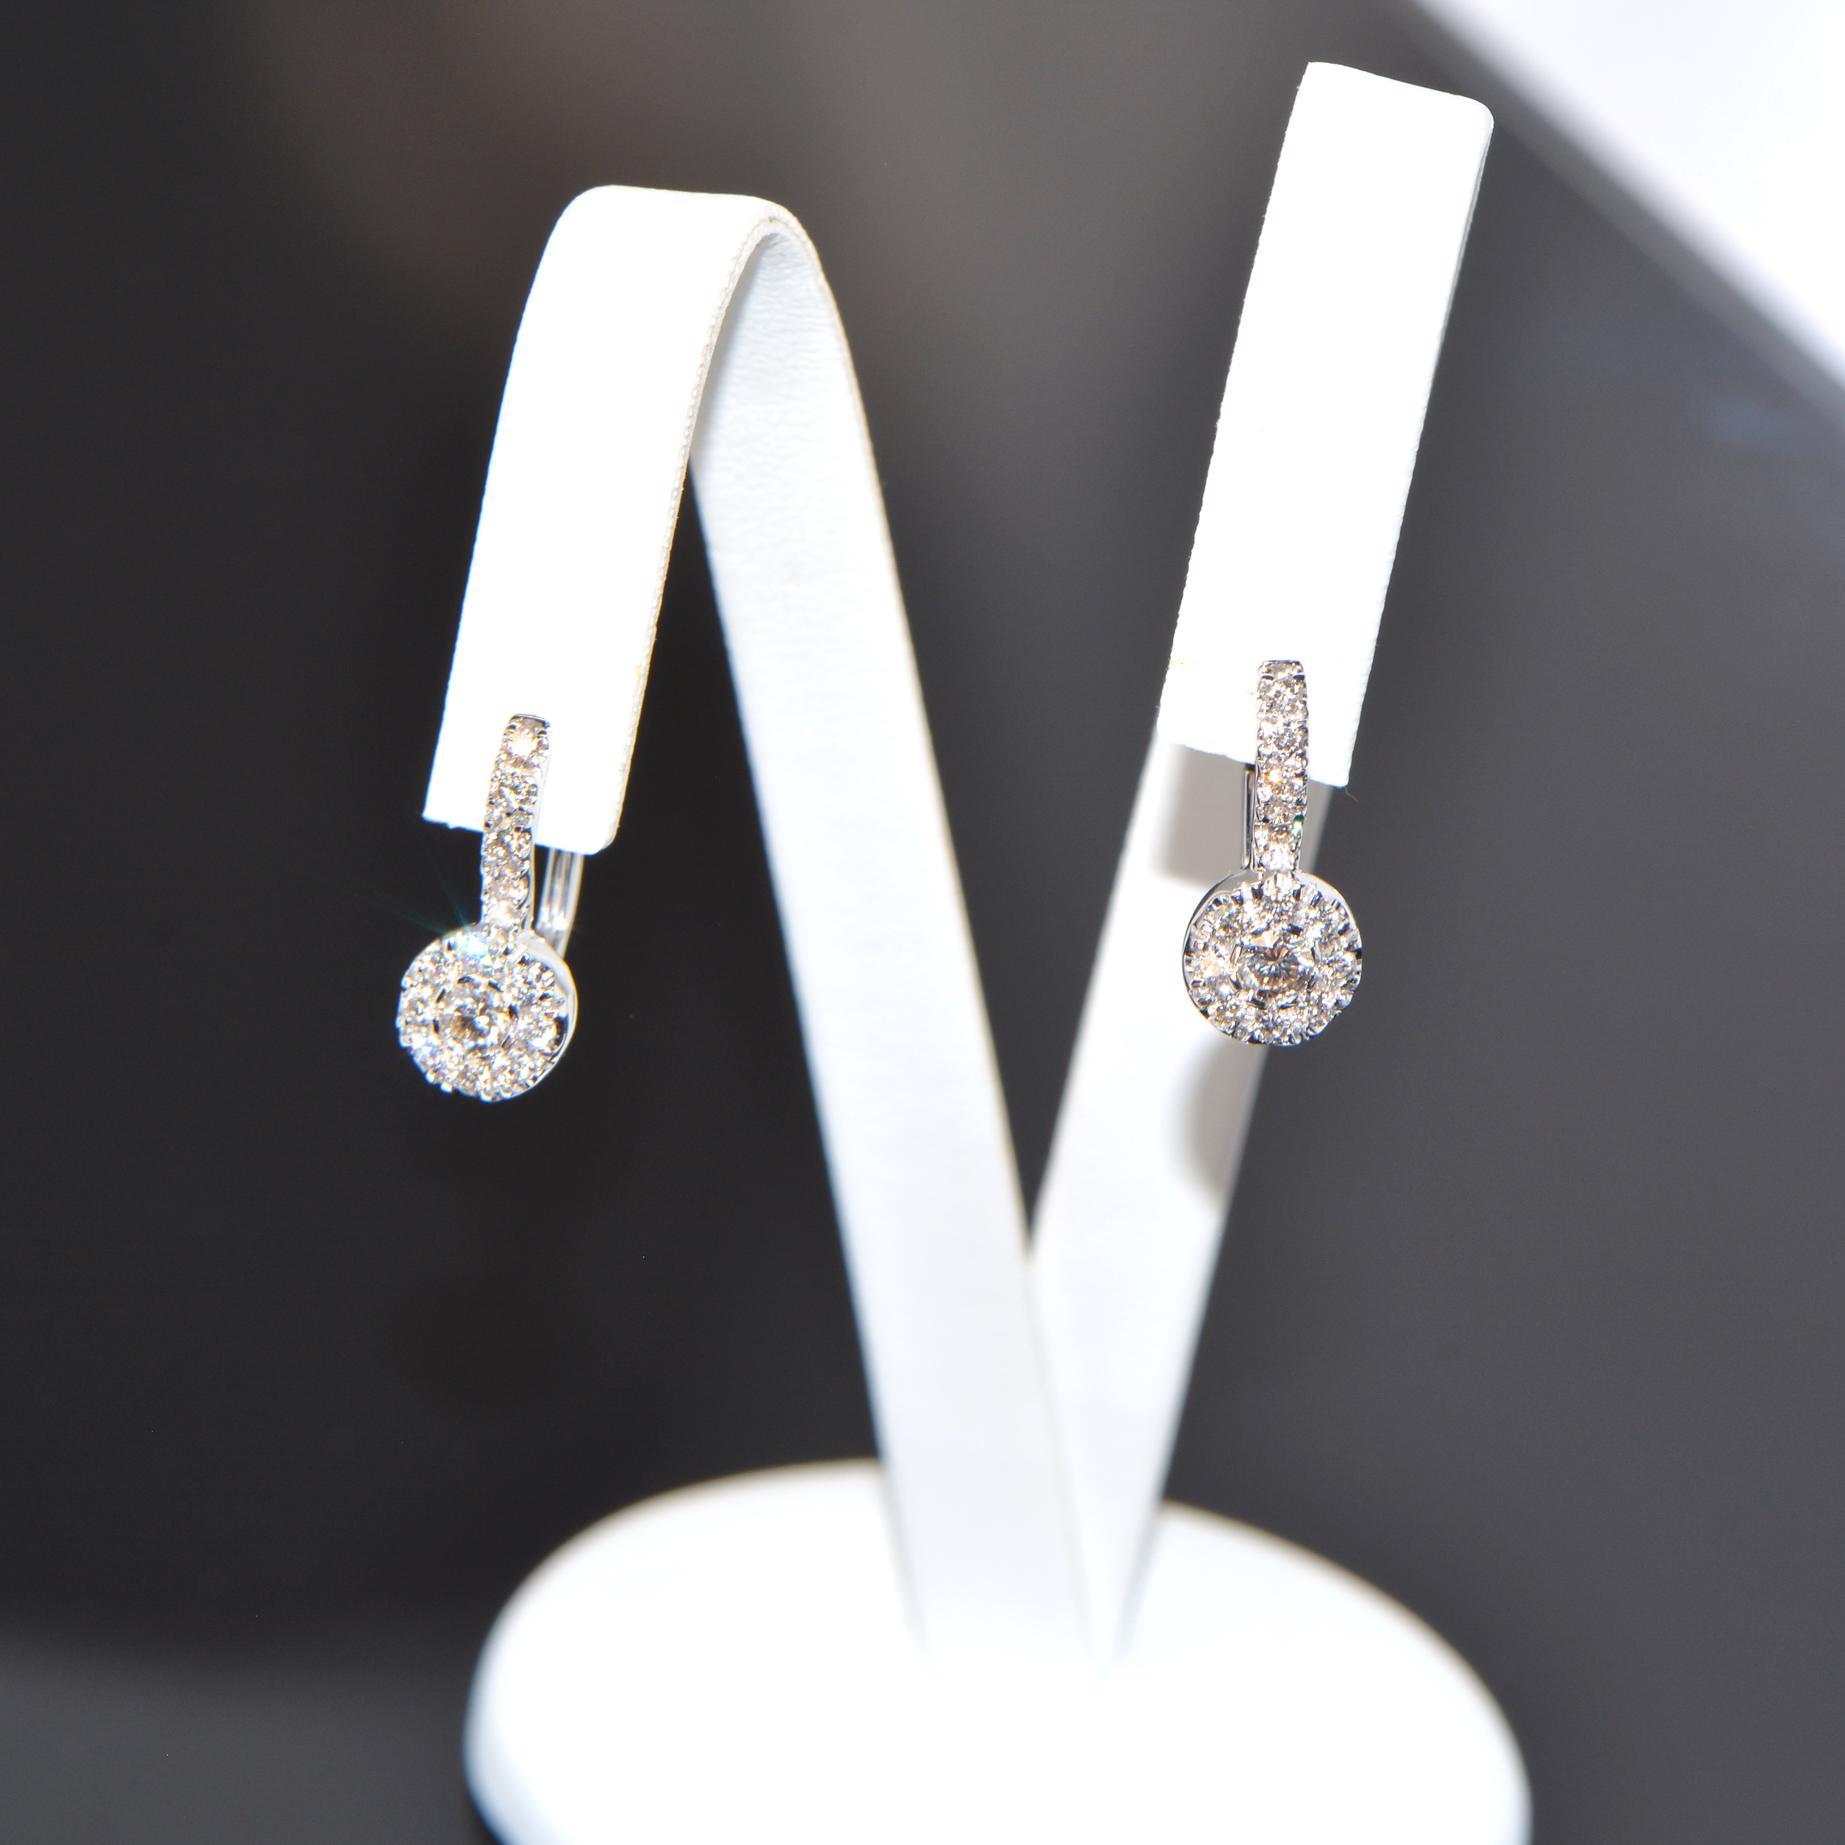 Diamant Creolen Weissgold